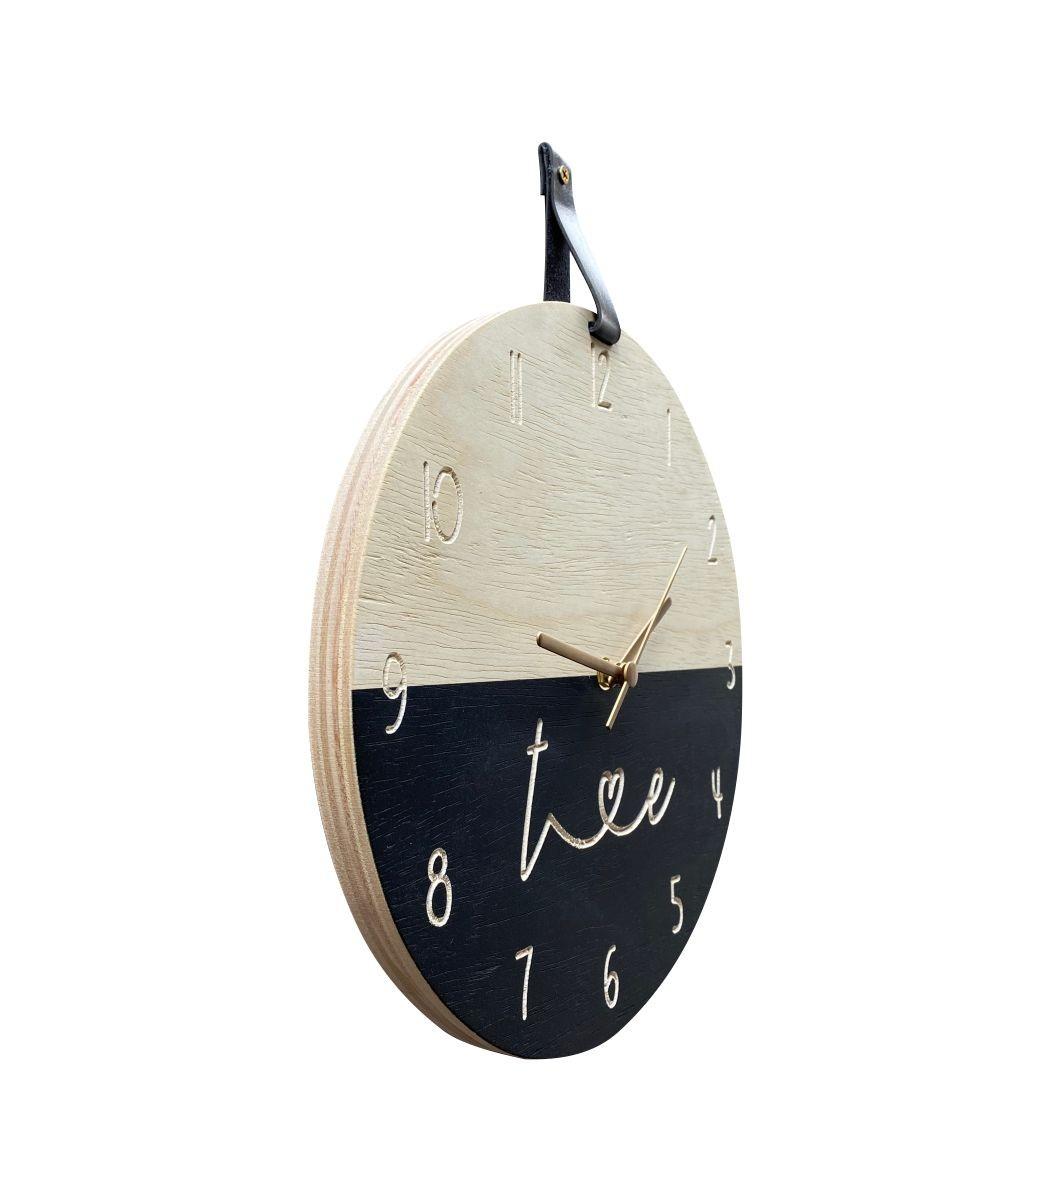 Relógio de Parede em Madeira Personalizado Preto